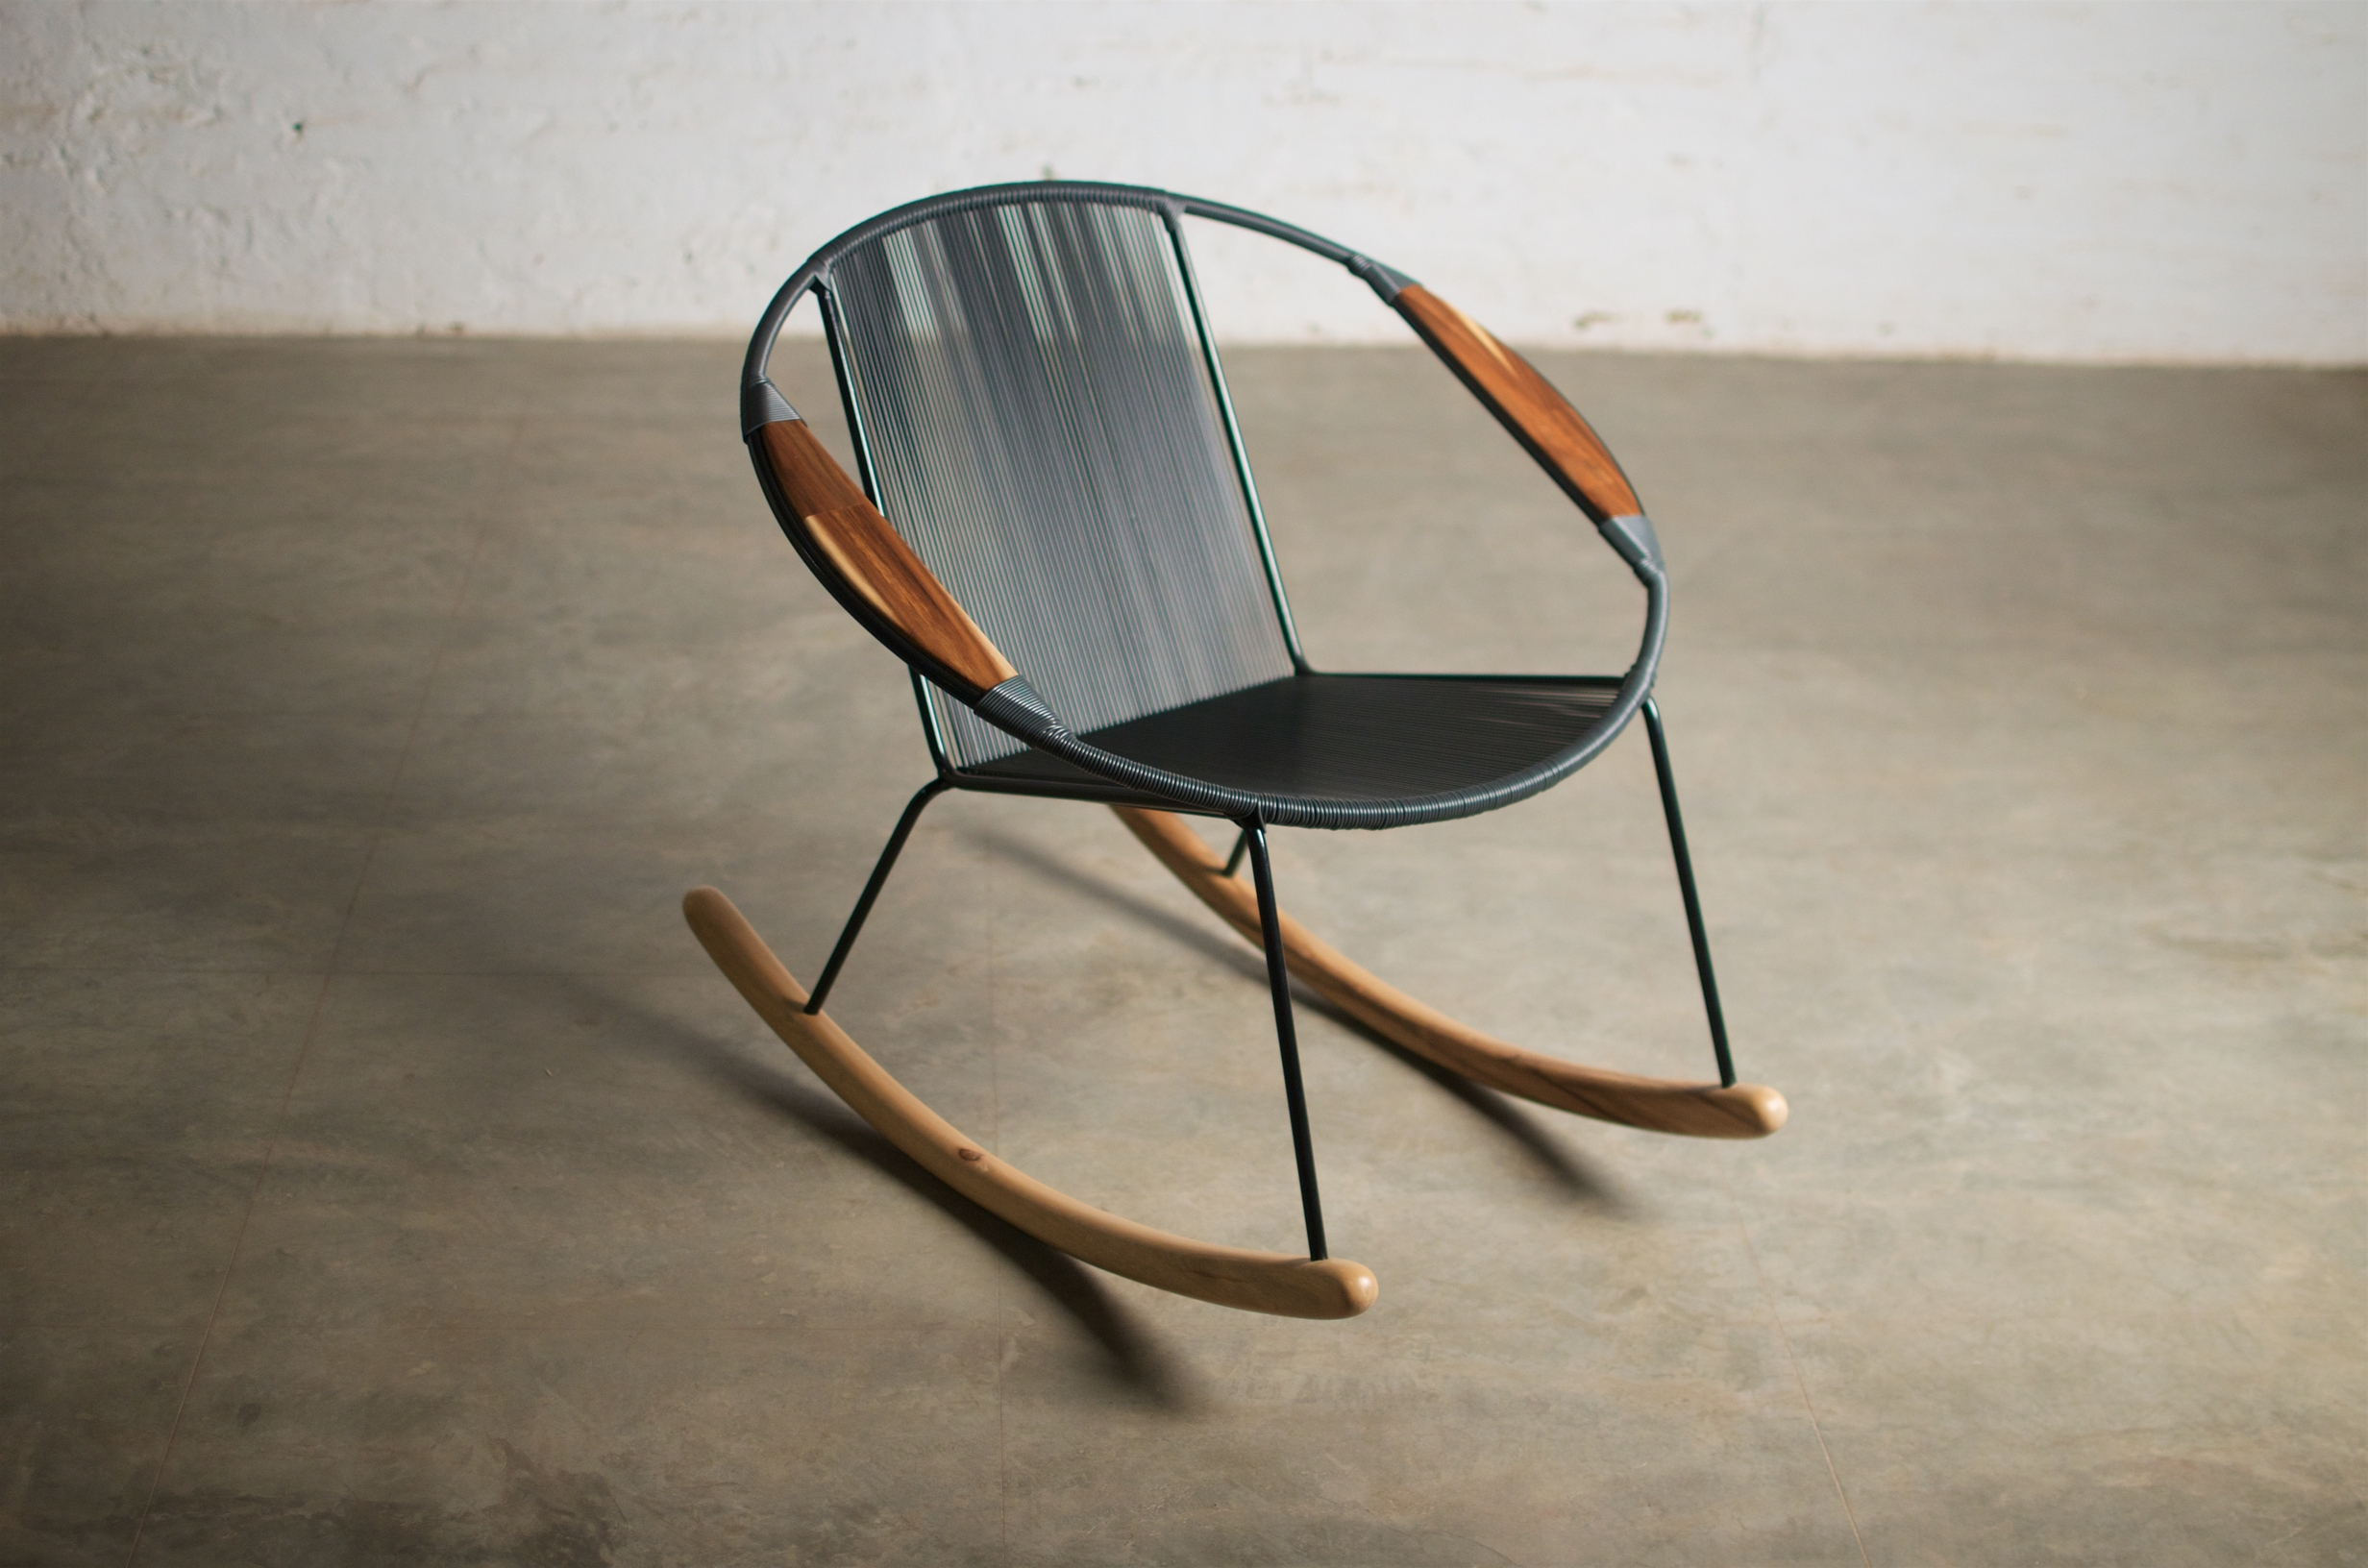 Otro ejemplo del diseño consciente, el Zero Waste  Tucurinca  es una silla completamente tejida con cuerdas sintéticas recicladas.